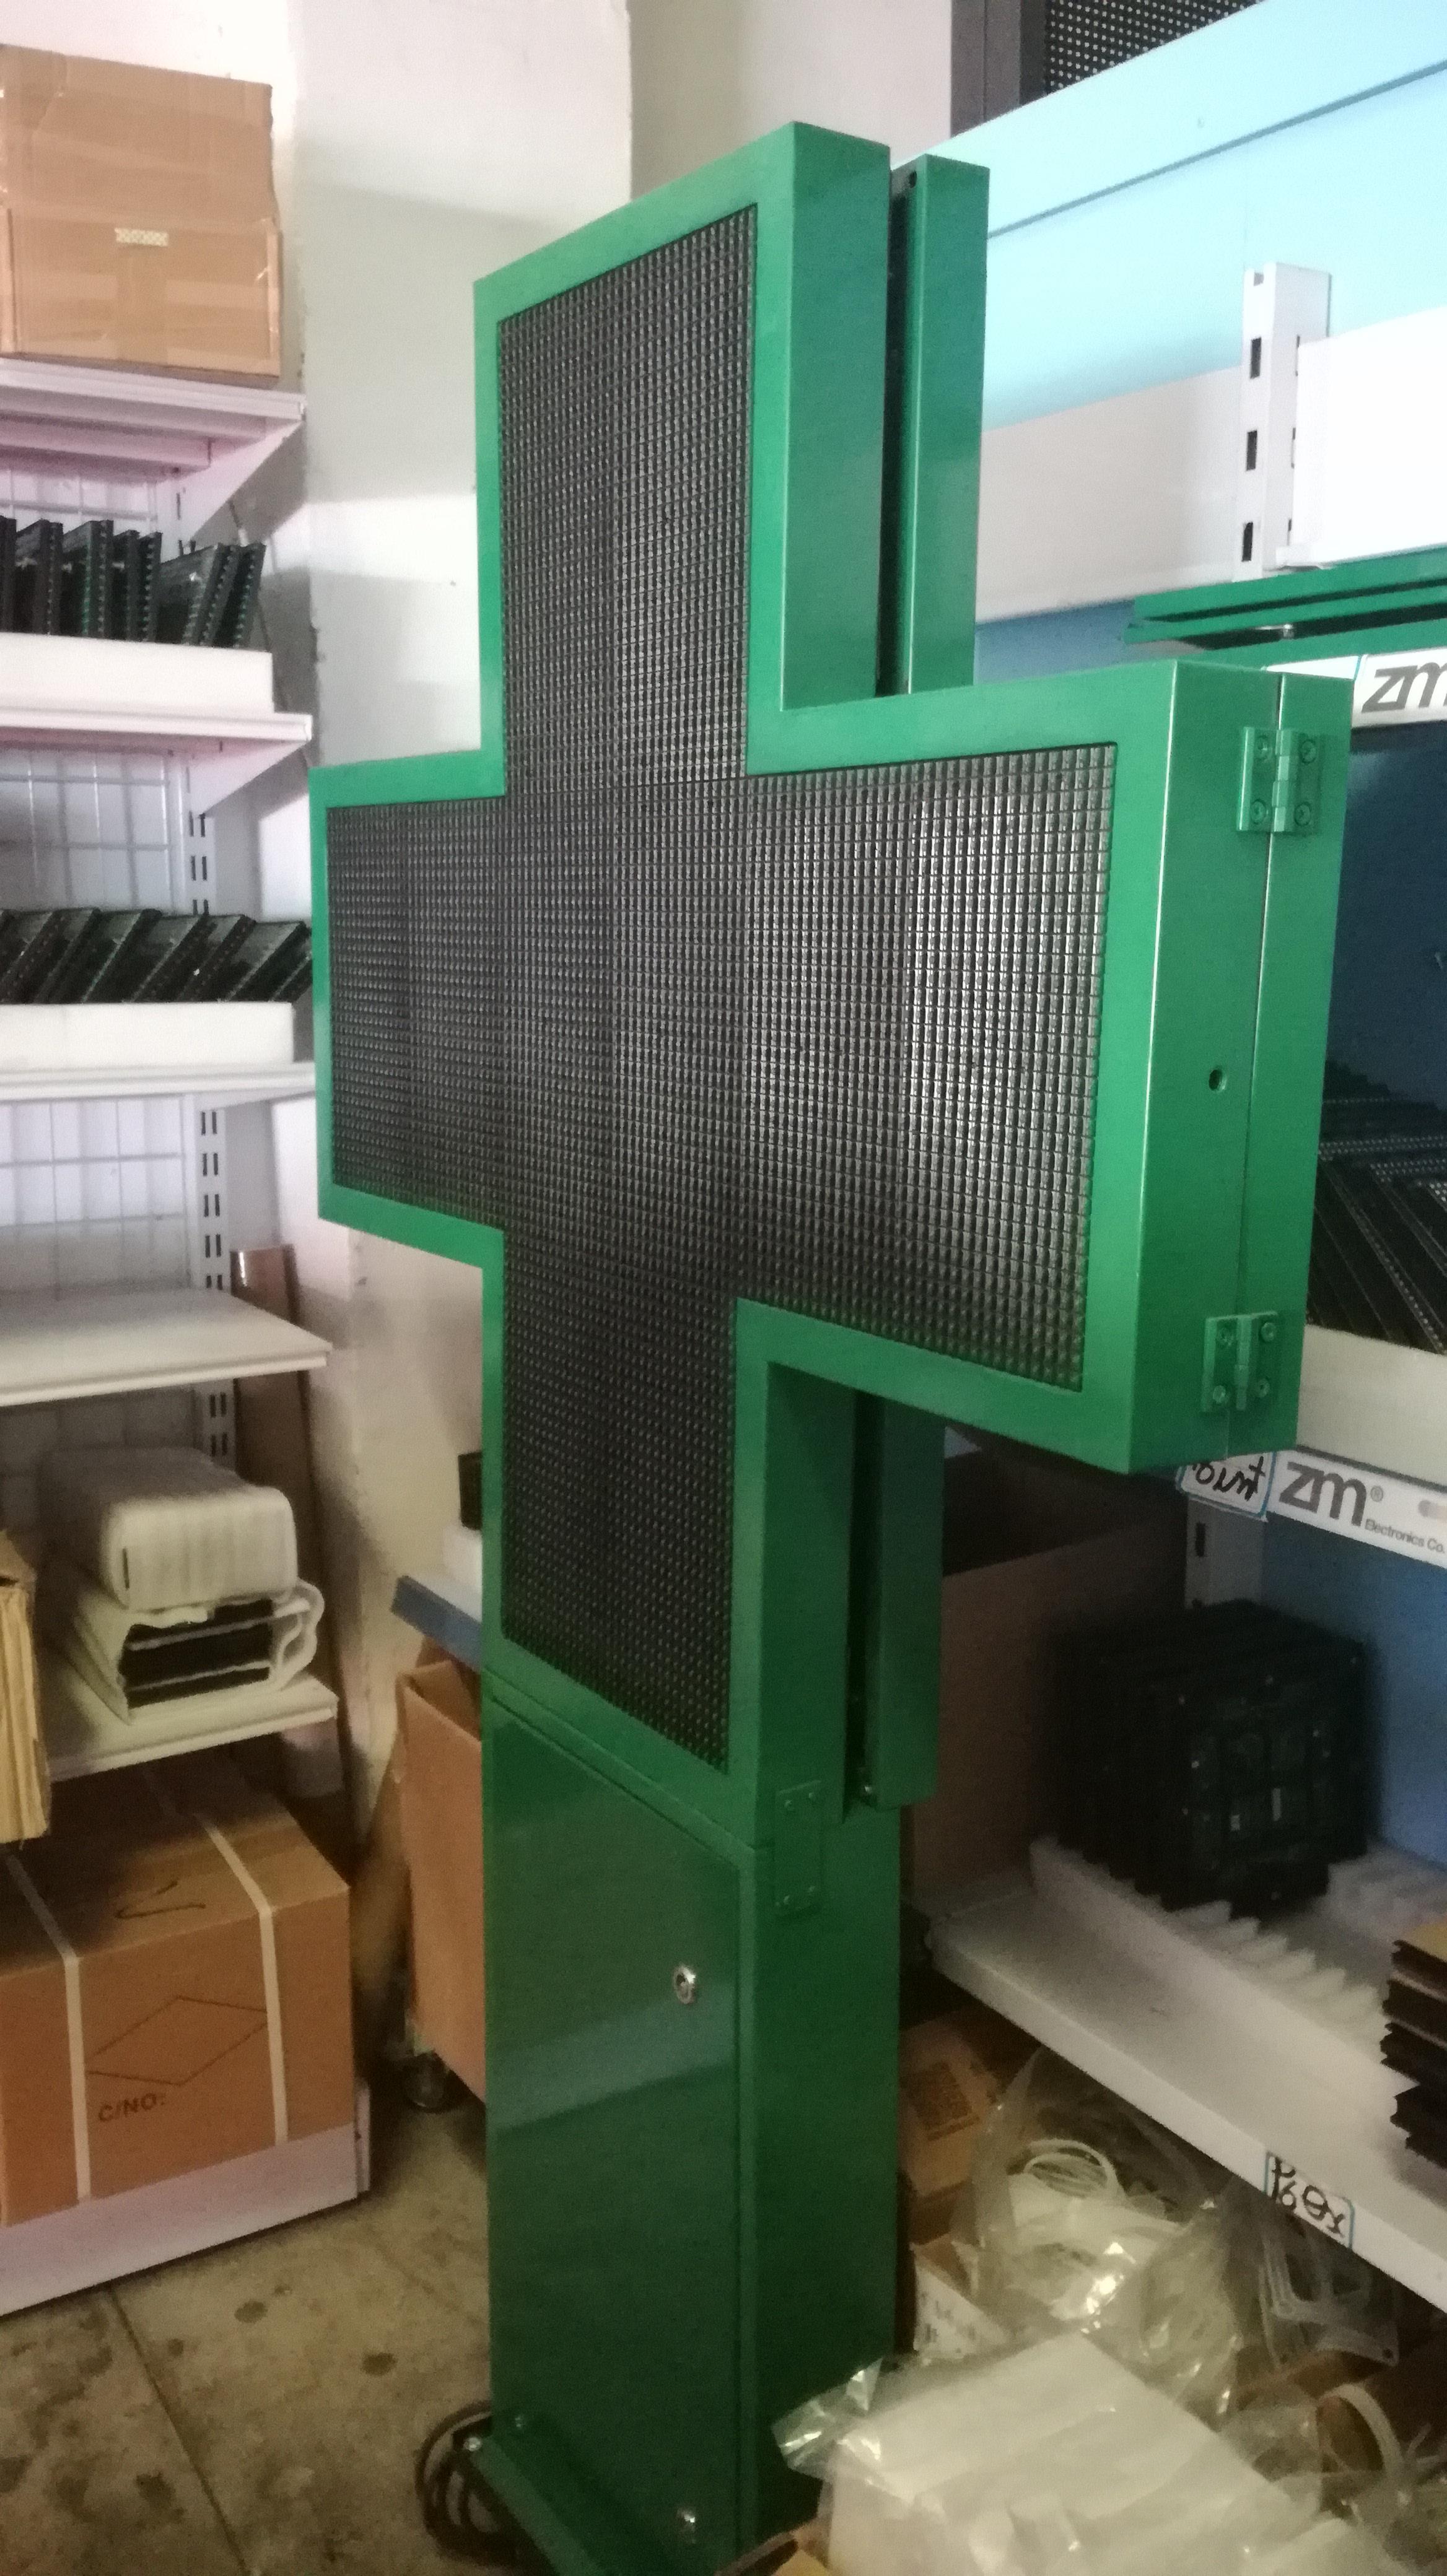 CRUZ DE FARMACIA FULL COLOR P8s 84x84cm